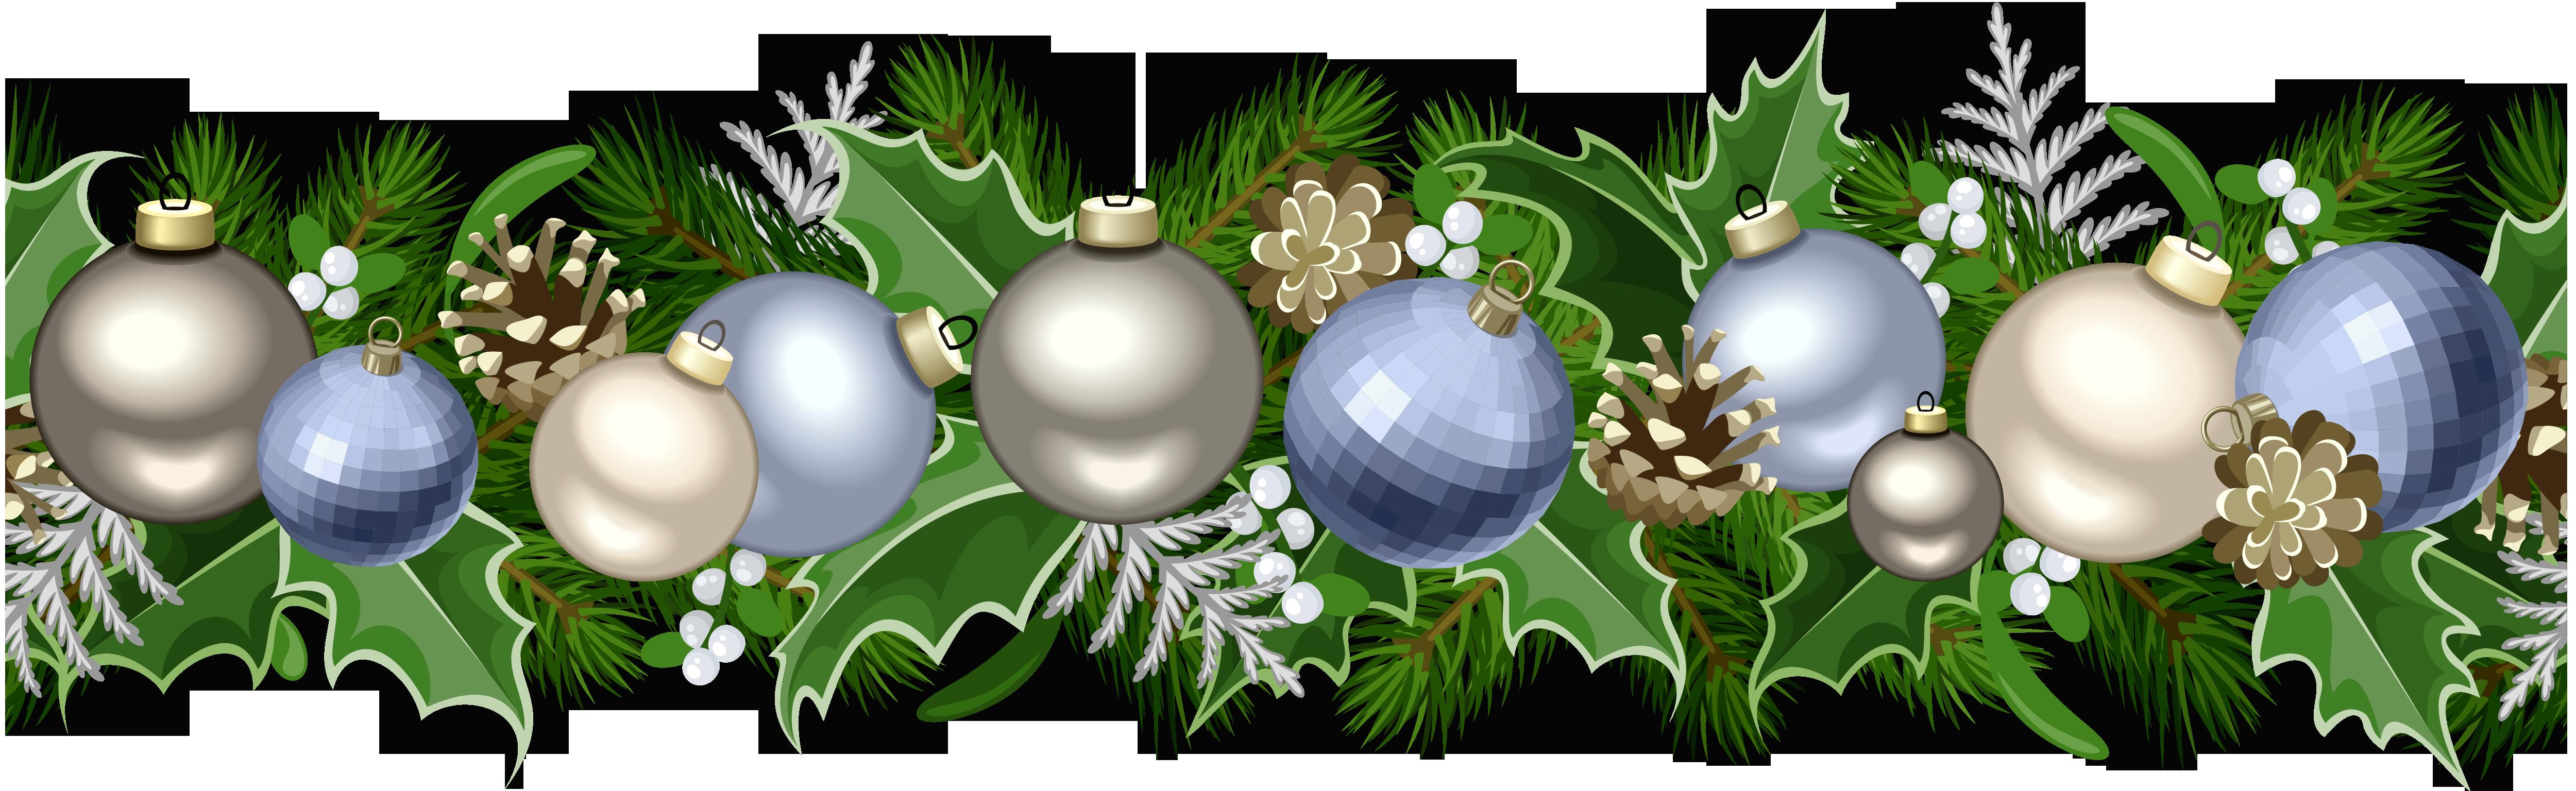 Christmas garland border png. Ornament clip art deco